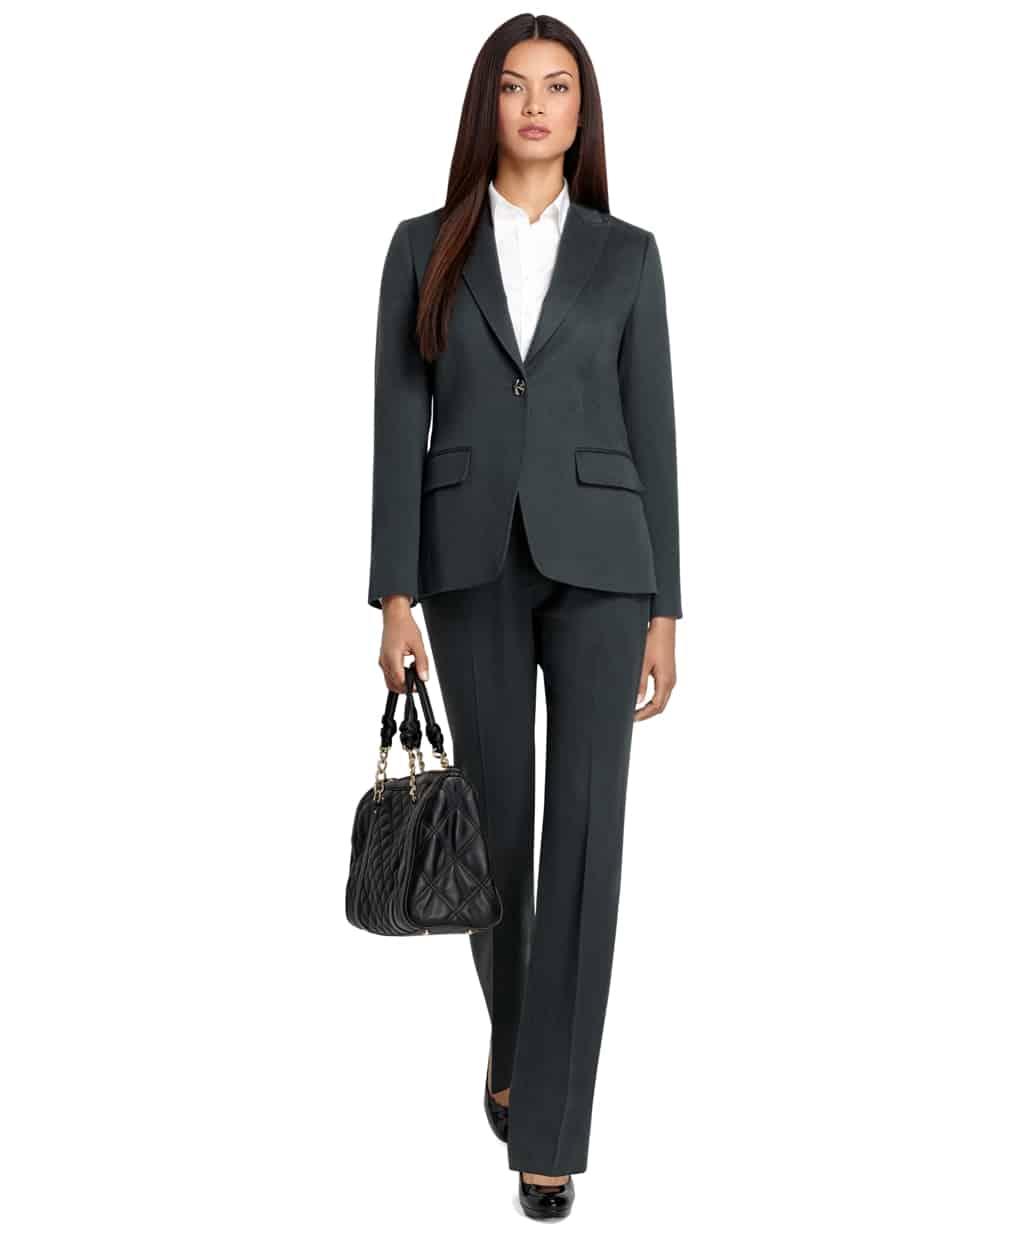 Women-suits-3